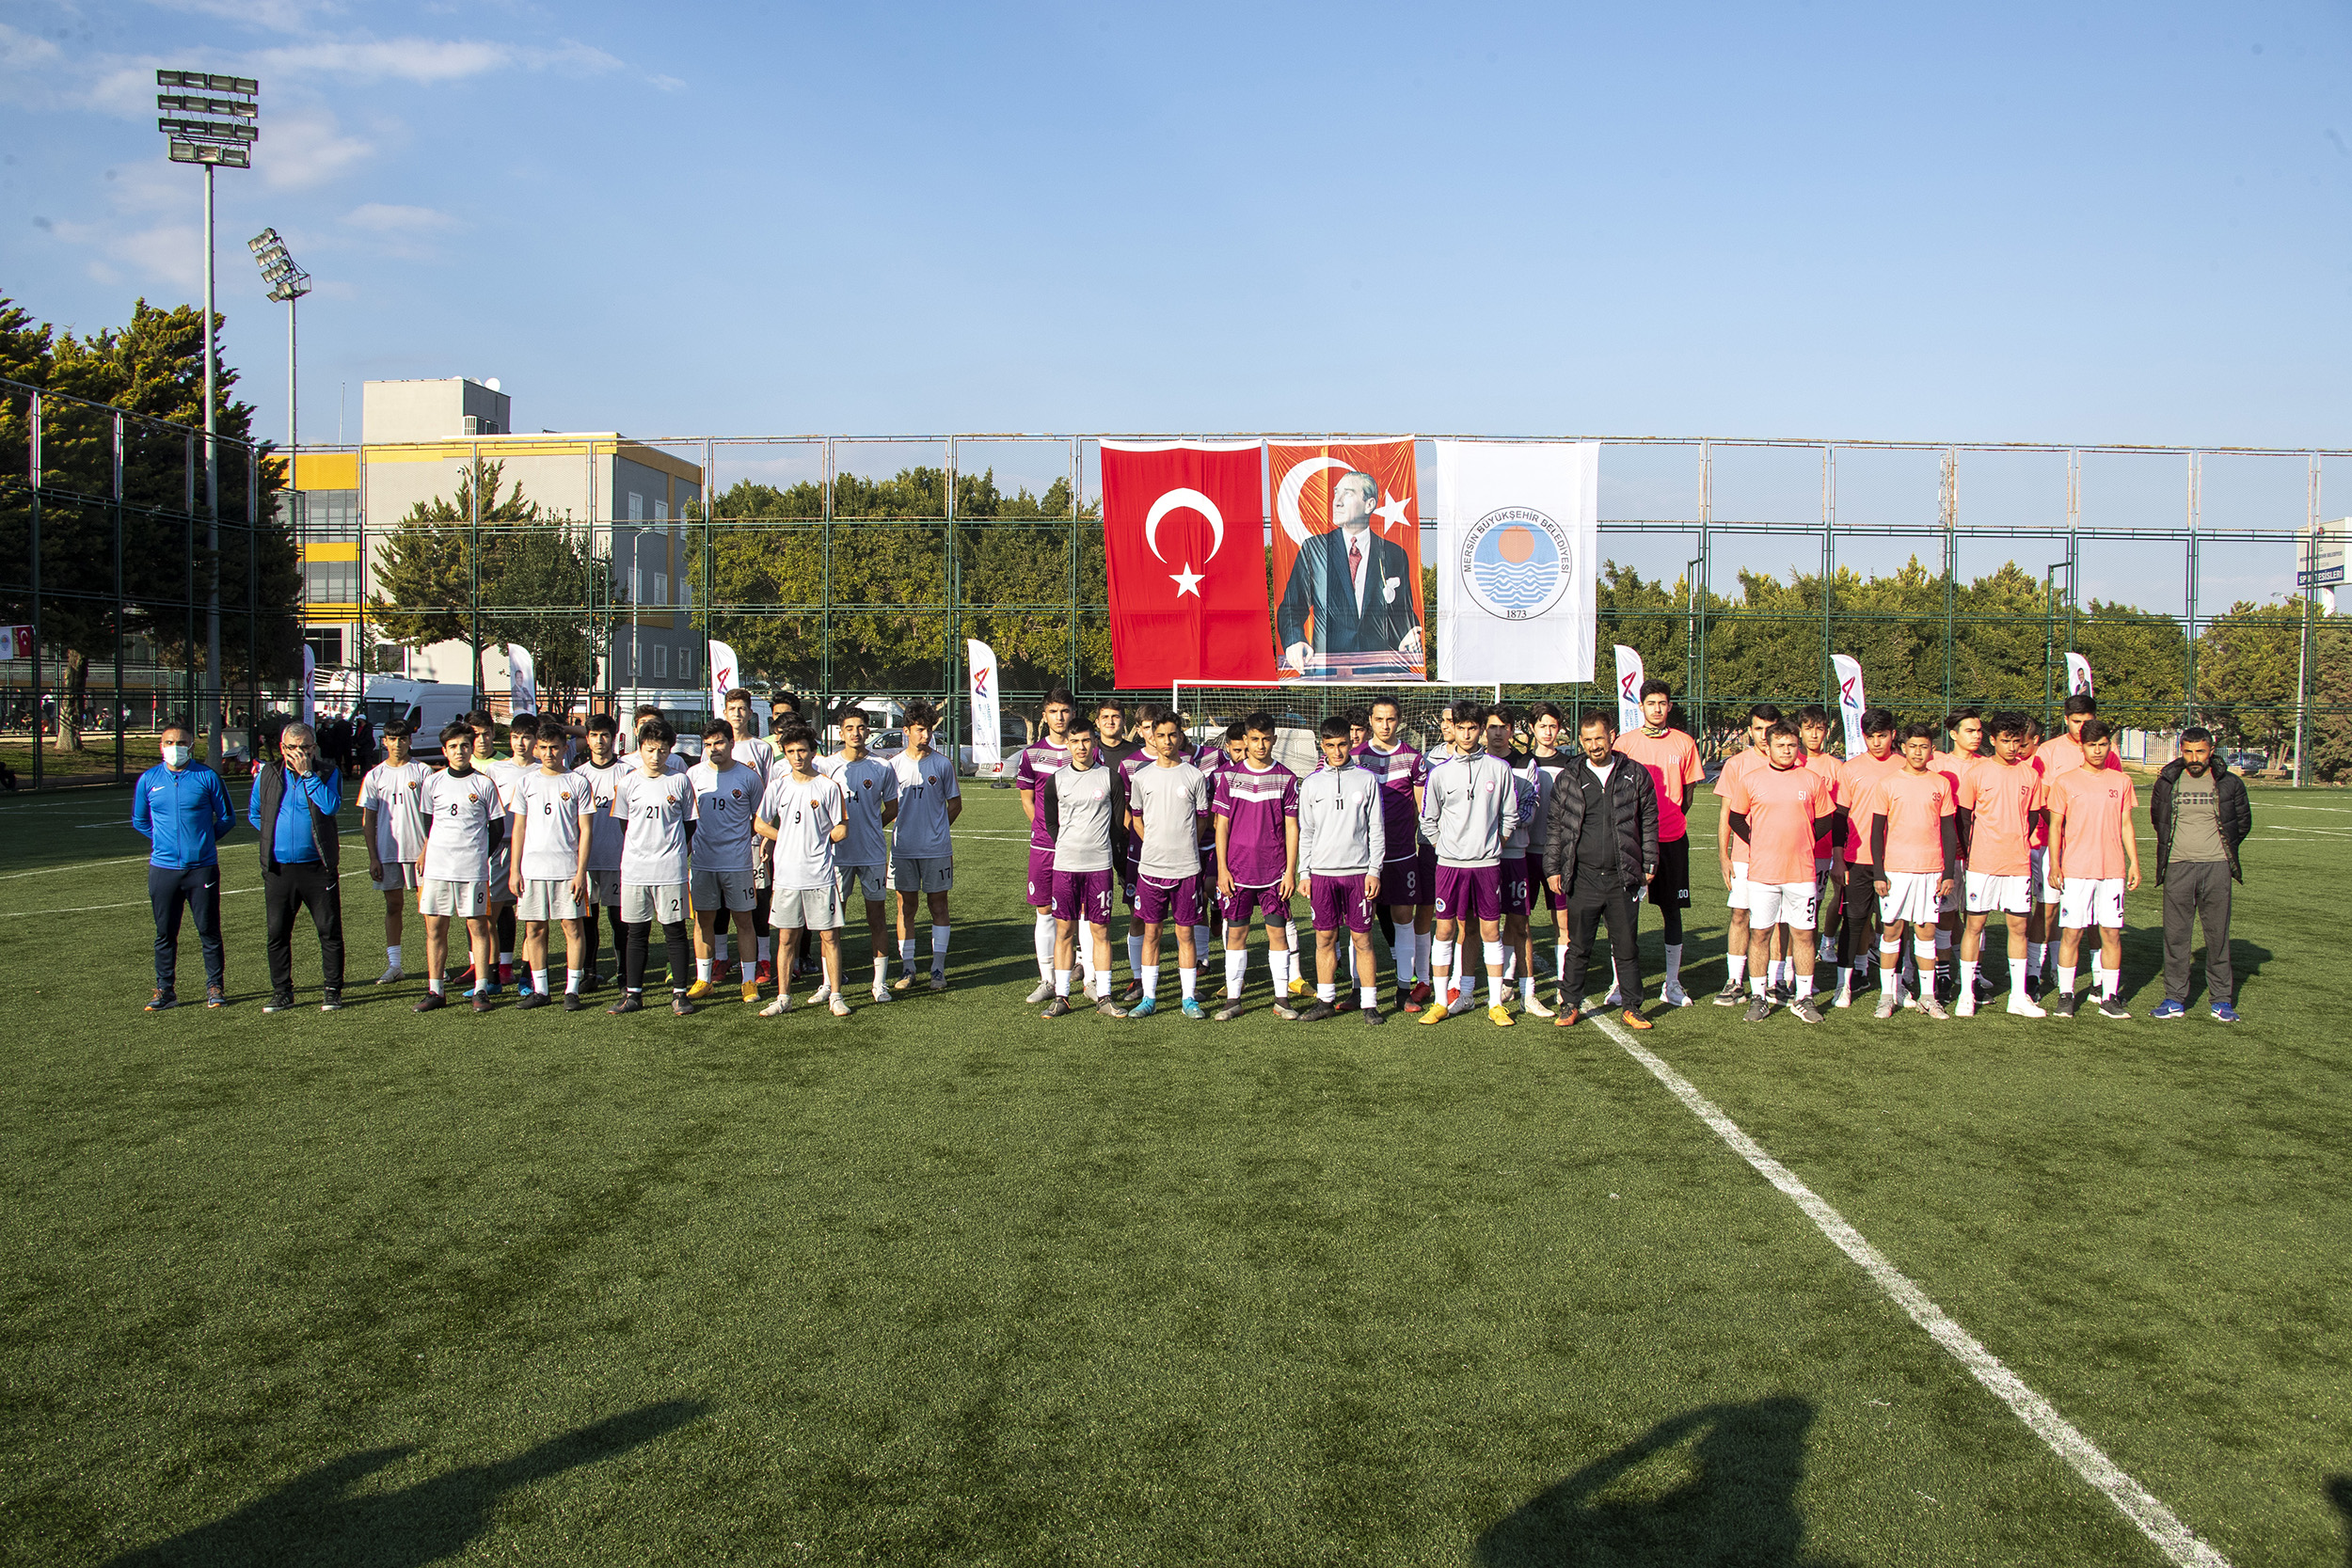 ATATÜRK'ÜN MERSİN'E GELİŞ GÜNÜNE ÖZEL FUTBOL TURNUVASI